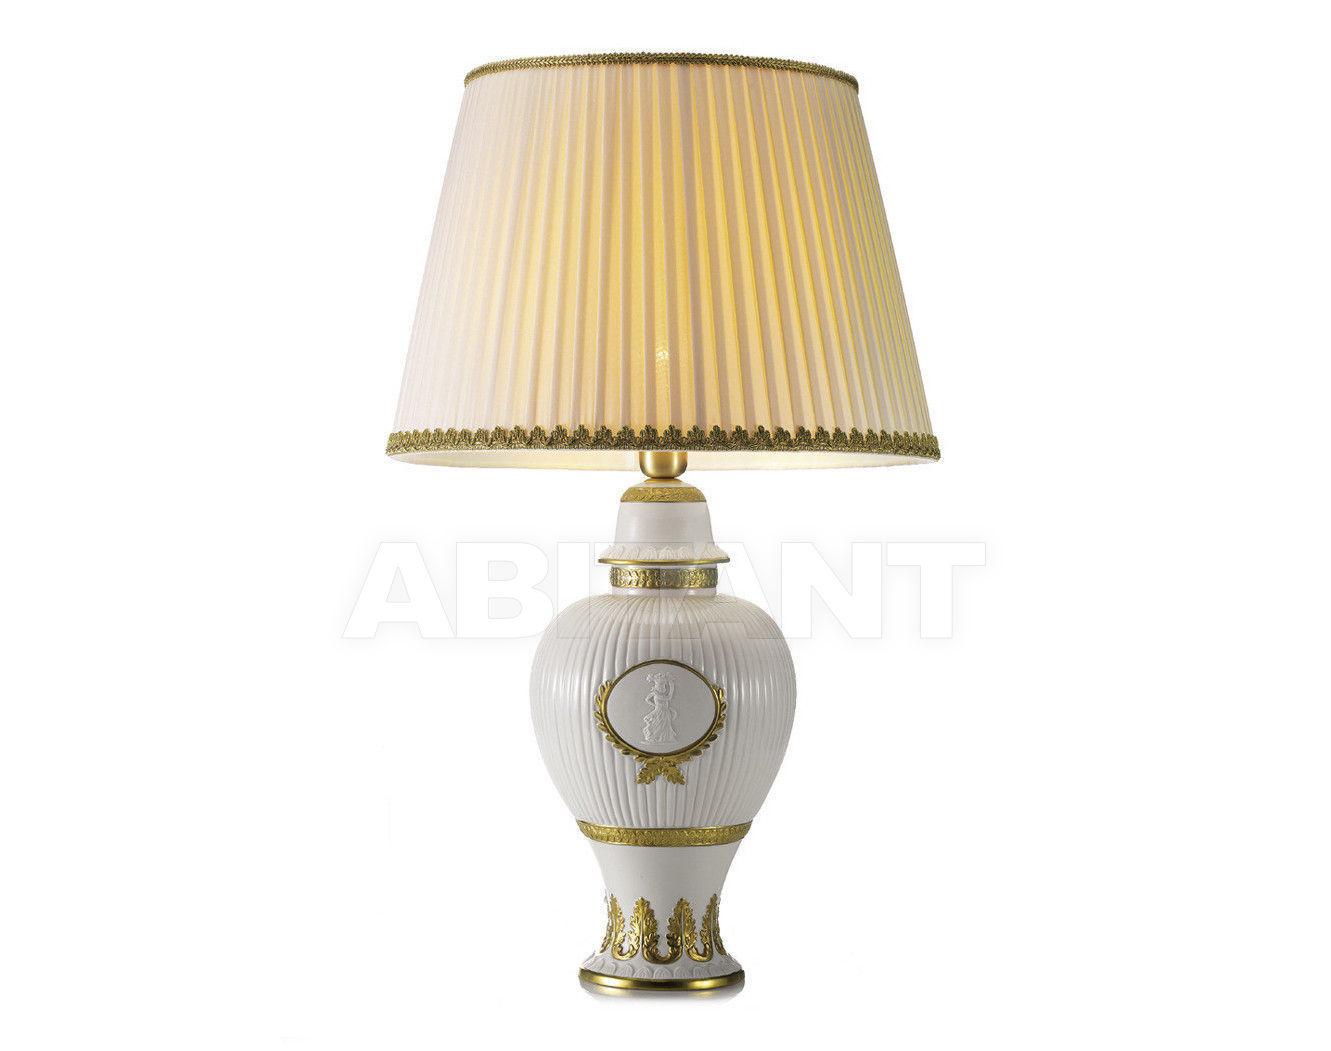 Купить Лампа настольная Villari Grande Impero Iii 0000442-402